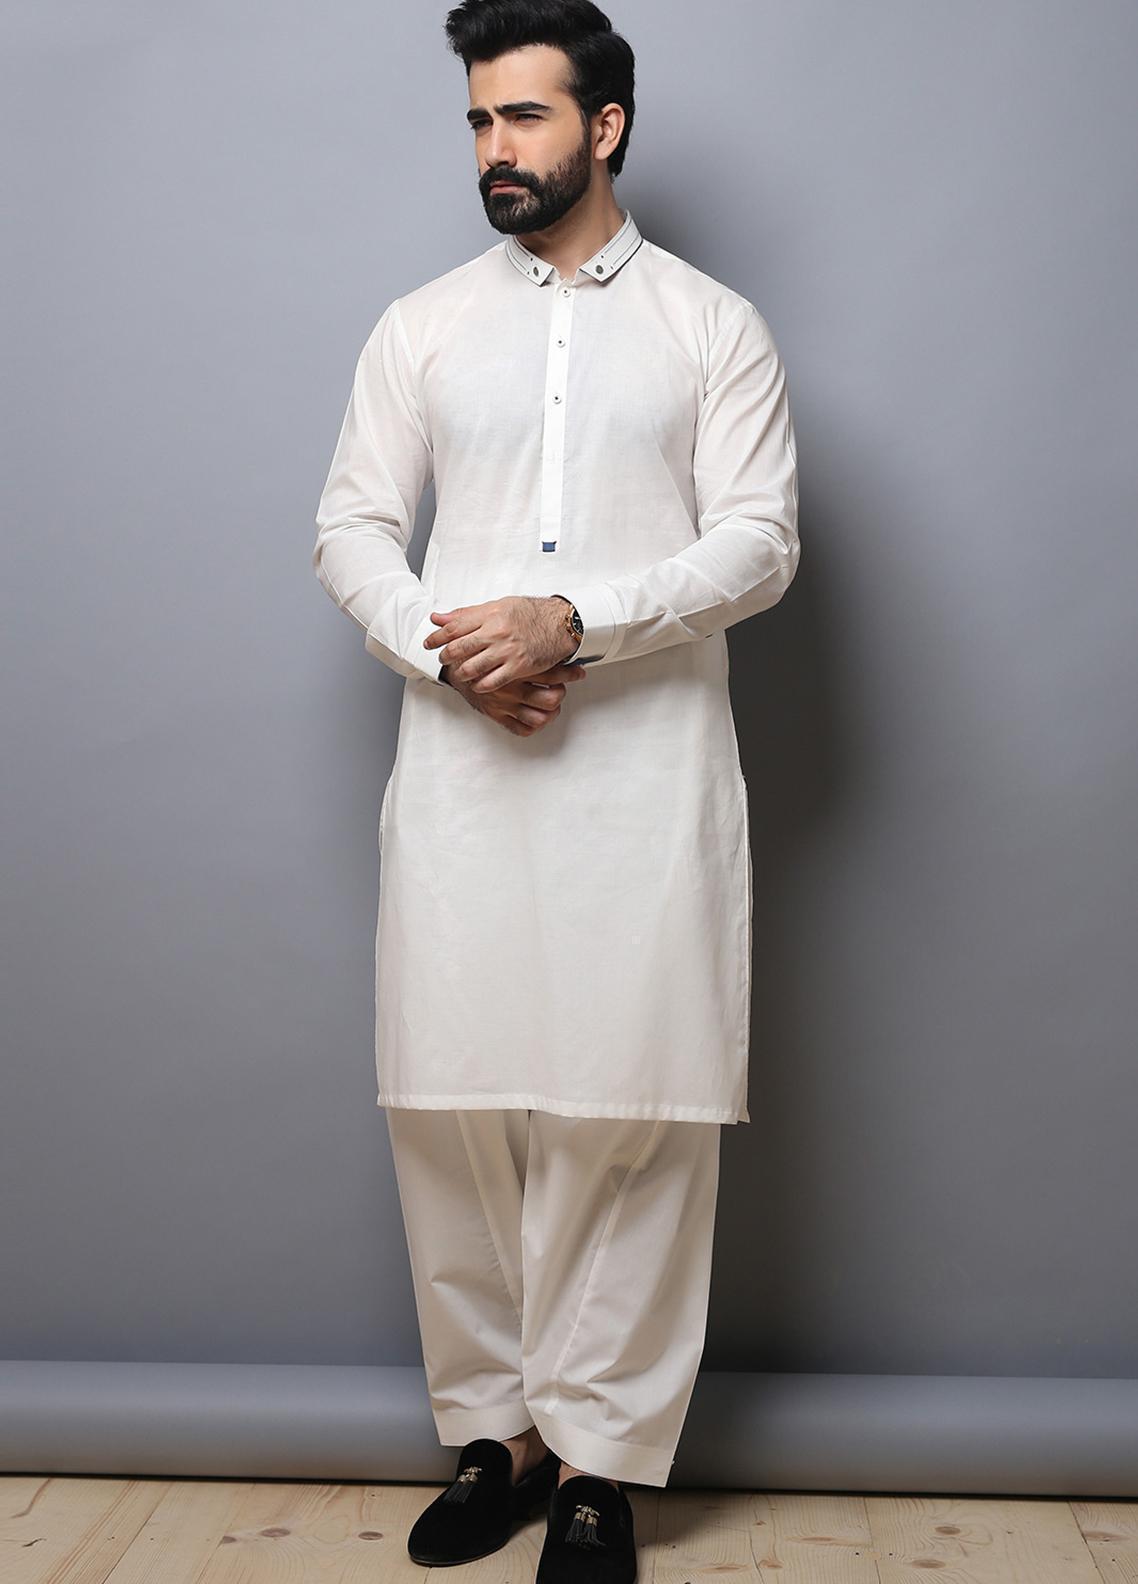 Edenrobe Wash N Wear Formal Kameez Shalwar for Men - White EMTKS19-012